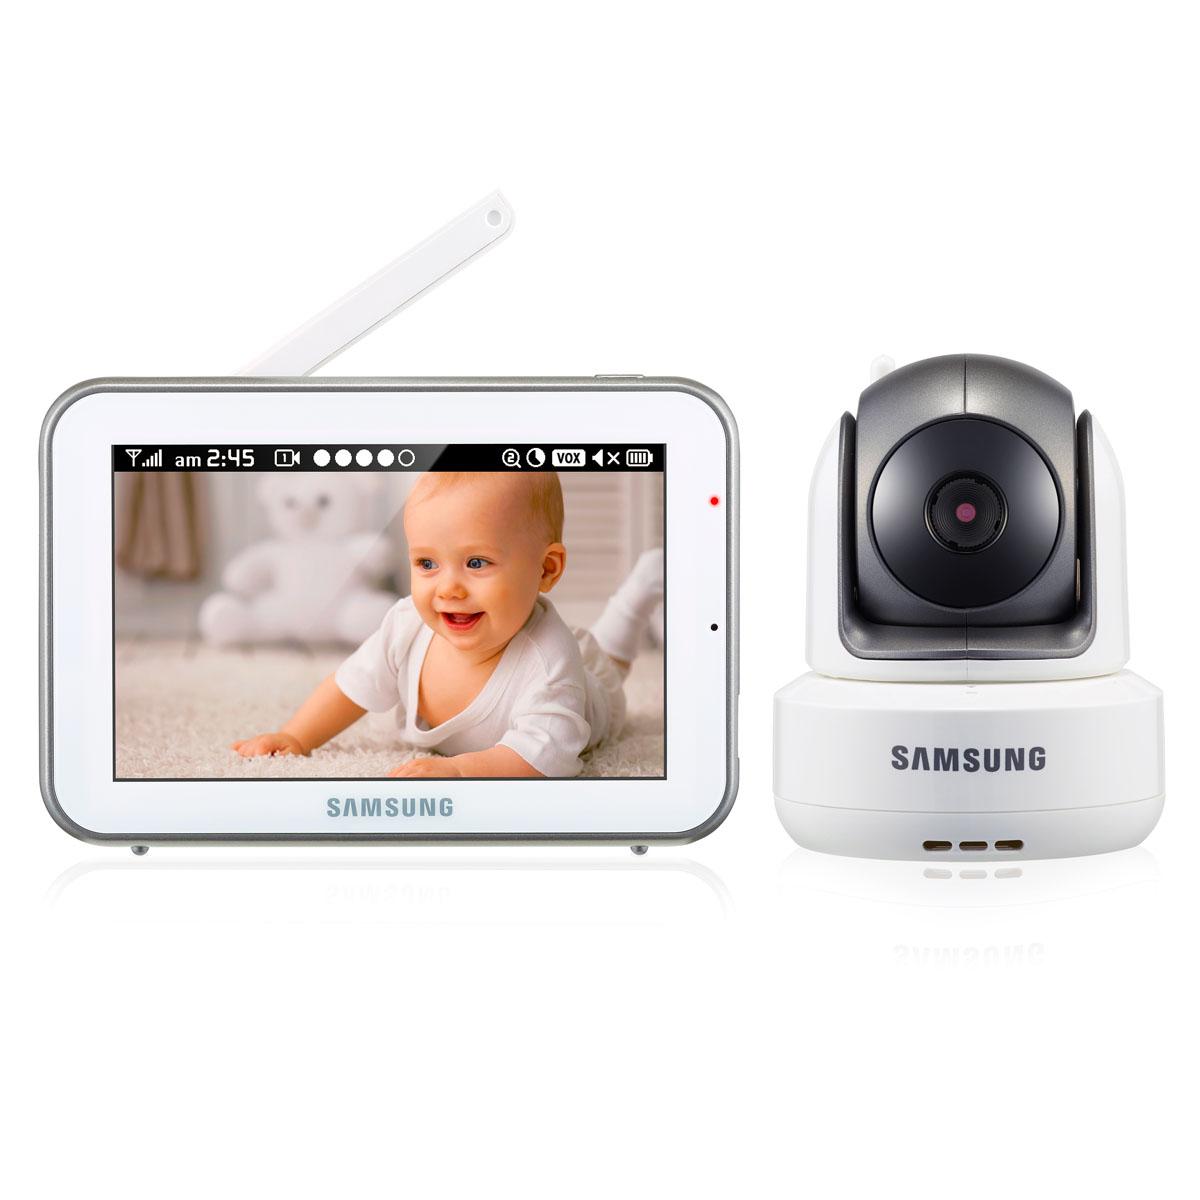 Samsung Видеоняня SEW-3043WP - Безопасность ребенка